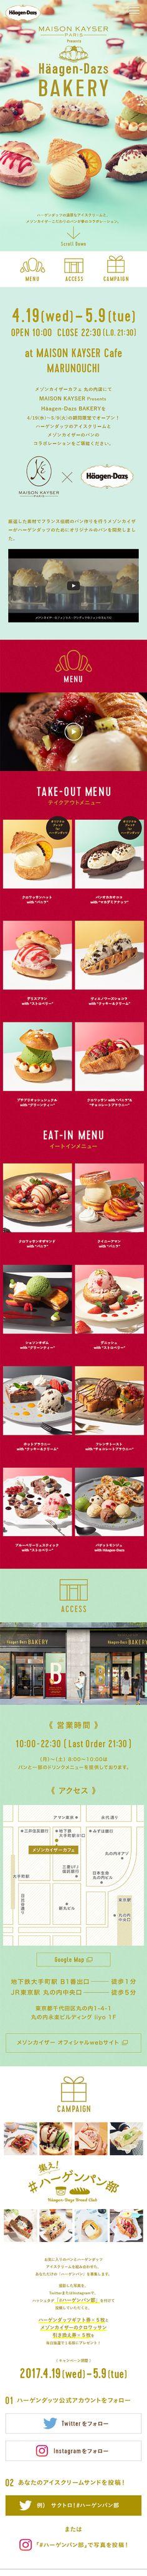 Haagen Daz Bakery | Japan | Branding Poster